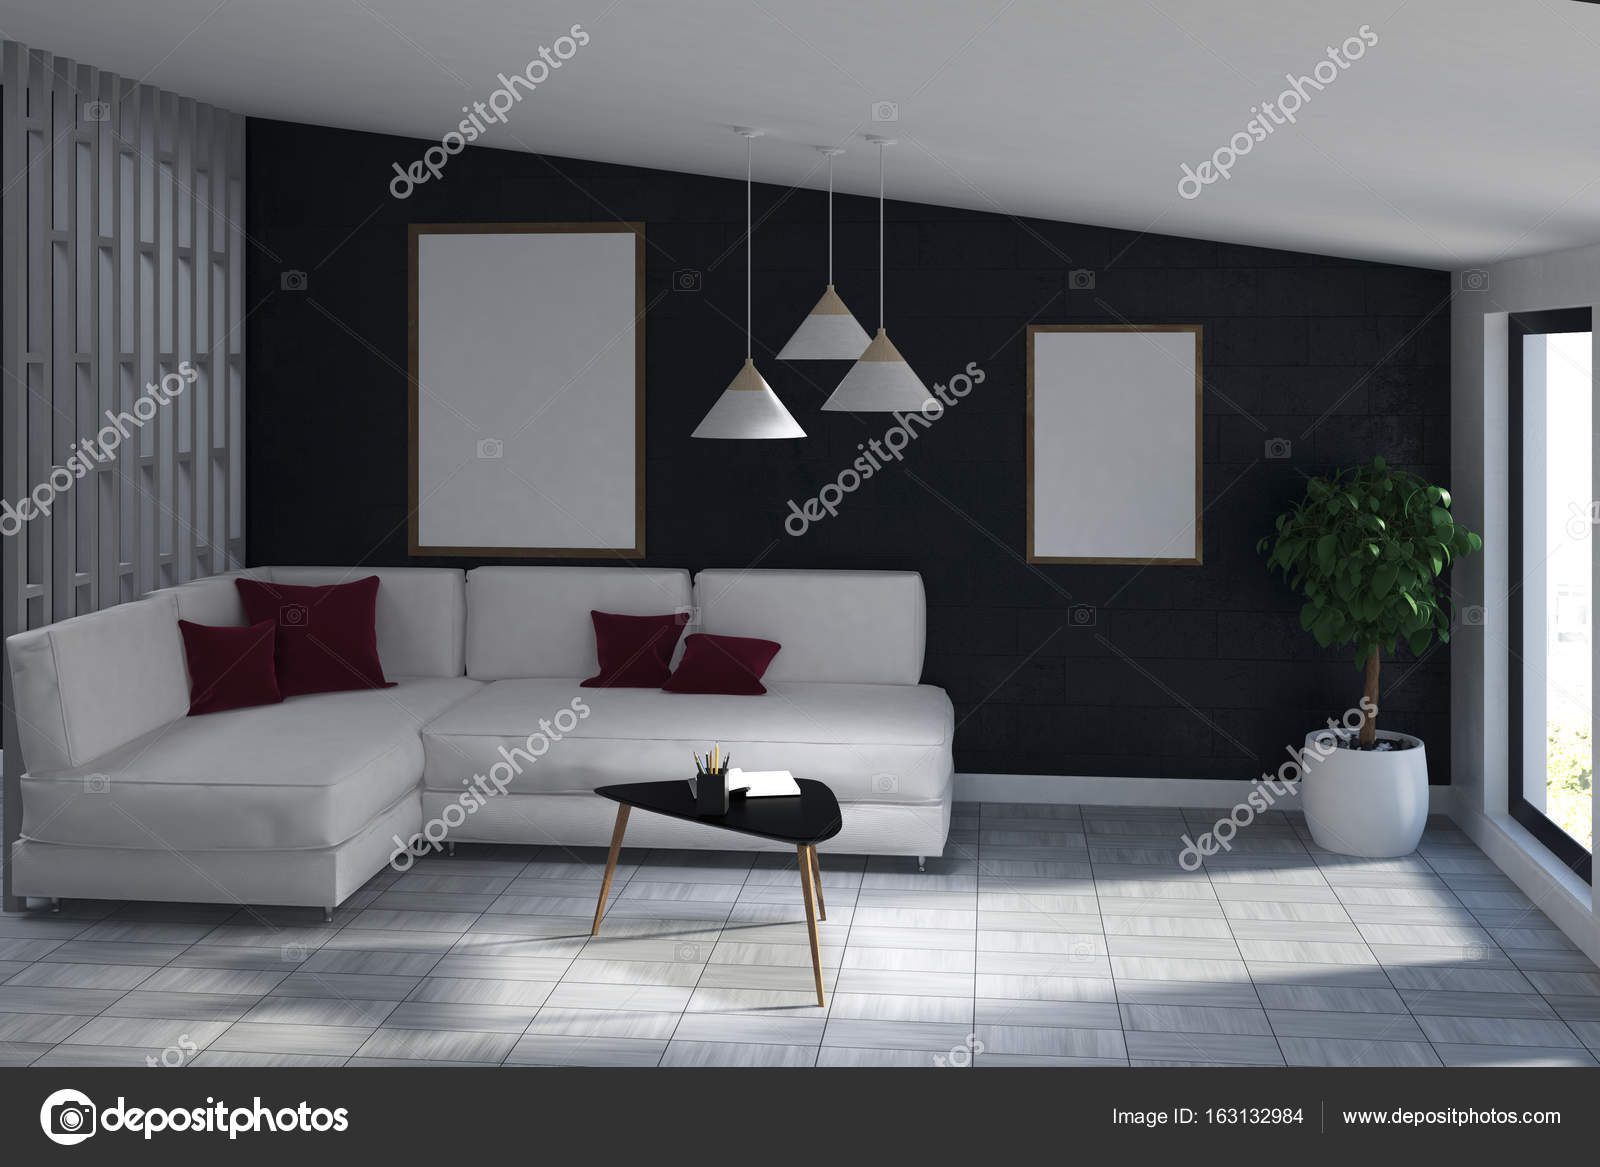 Witte Bank woonkamer met twee posters, boom — Stockfoto ...